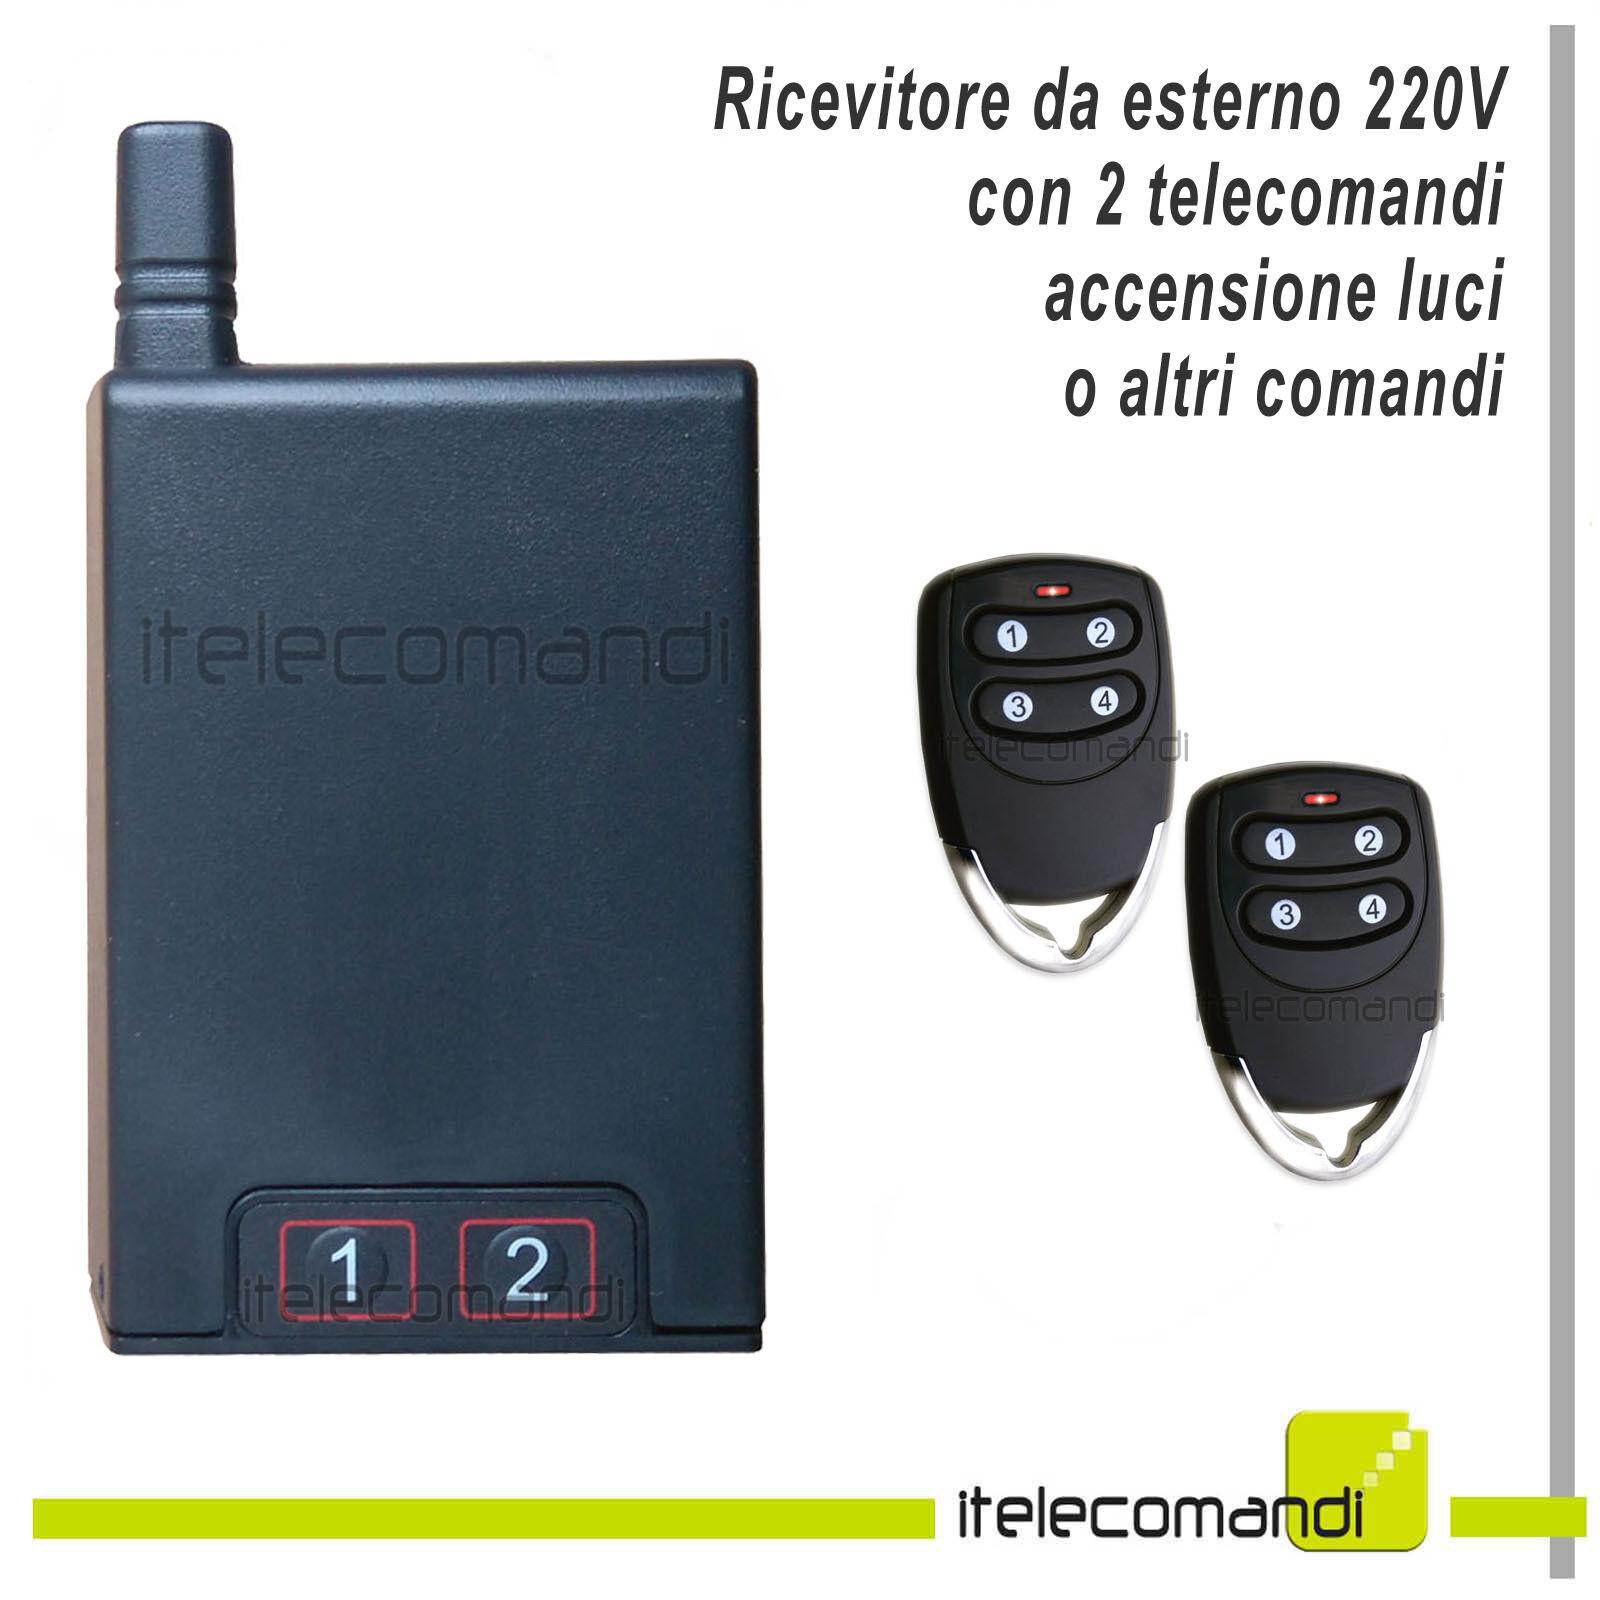 Kit accendi luci con telecomando ricevitore da esterno 1000W 220V 2 telecomandi